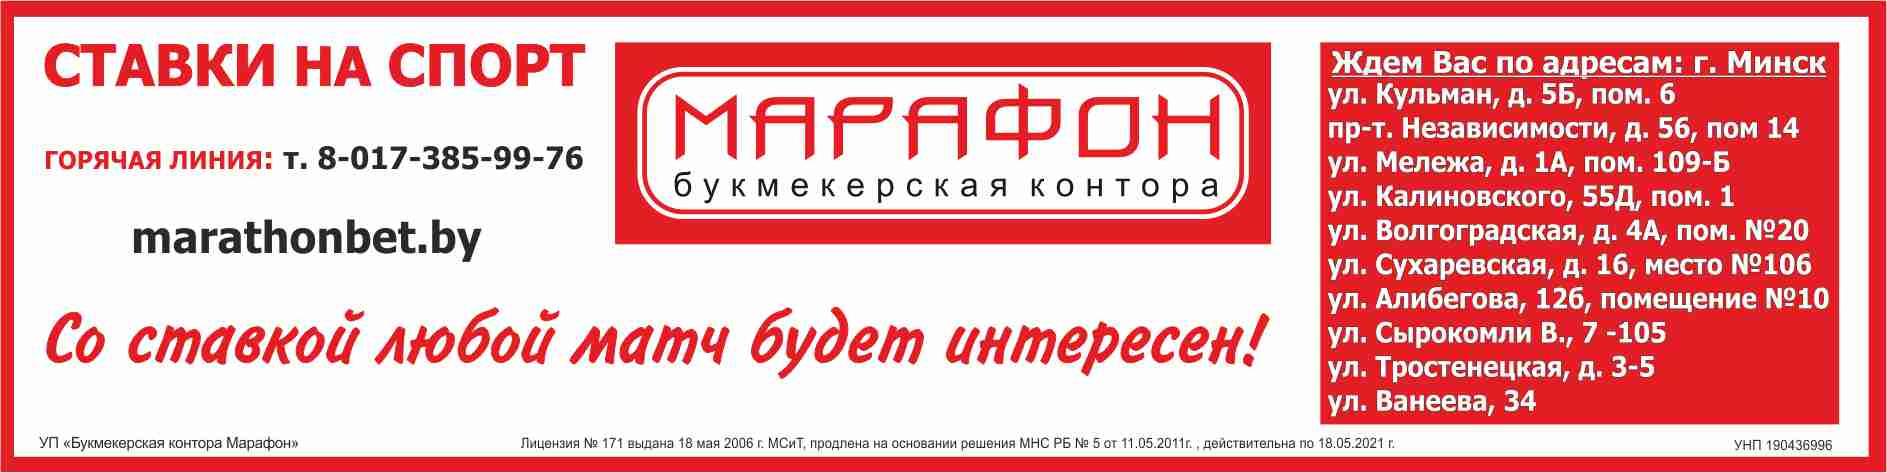 Контора фон линия букмекерская